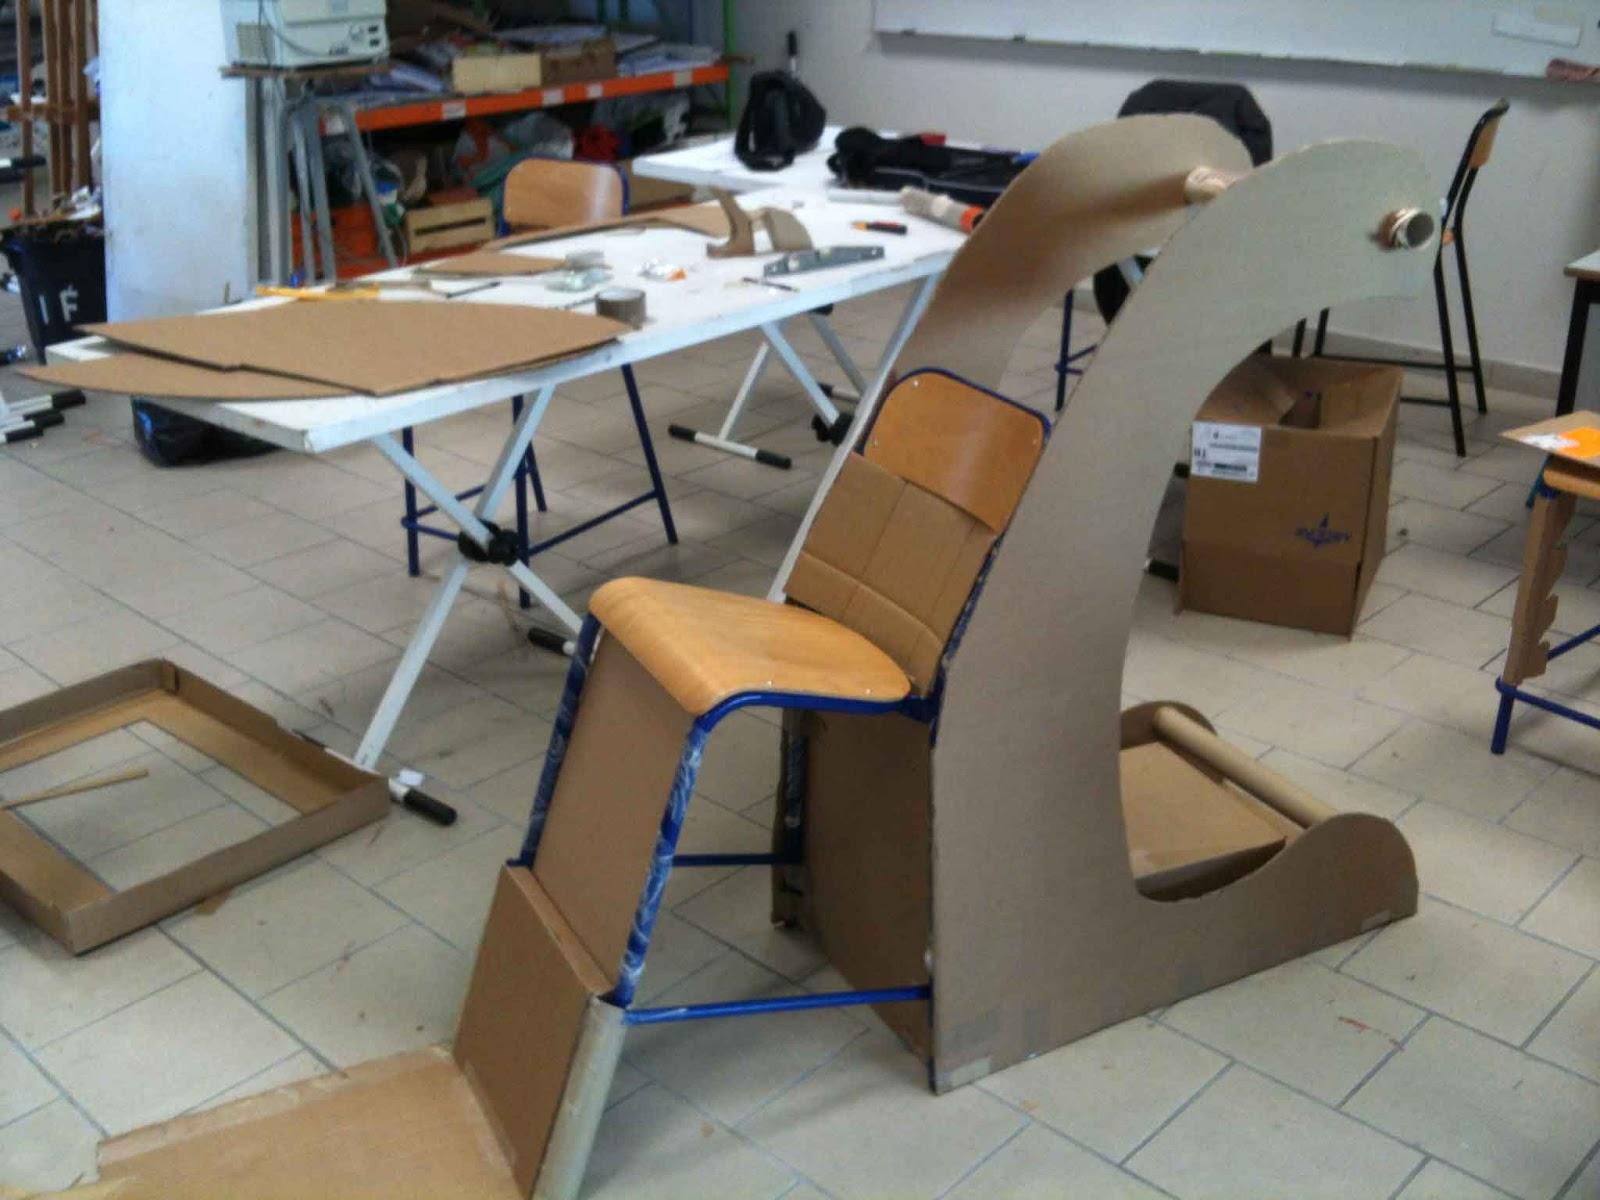 Bts design d espace, je découvre le milieu professionnel